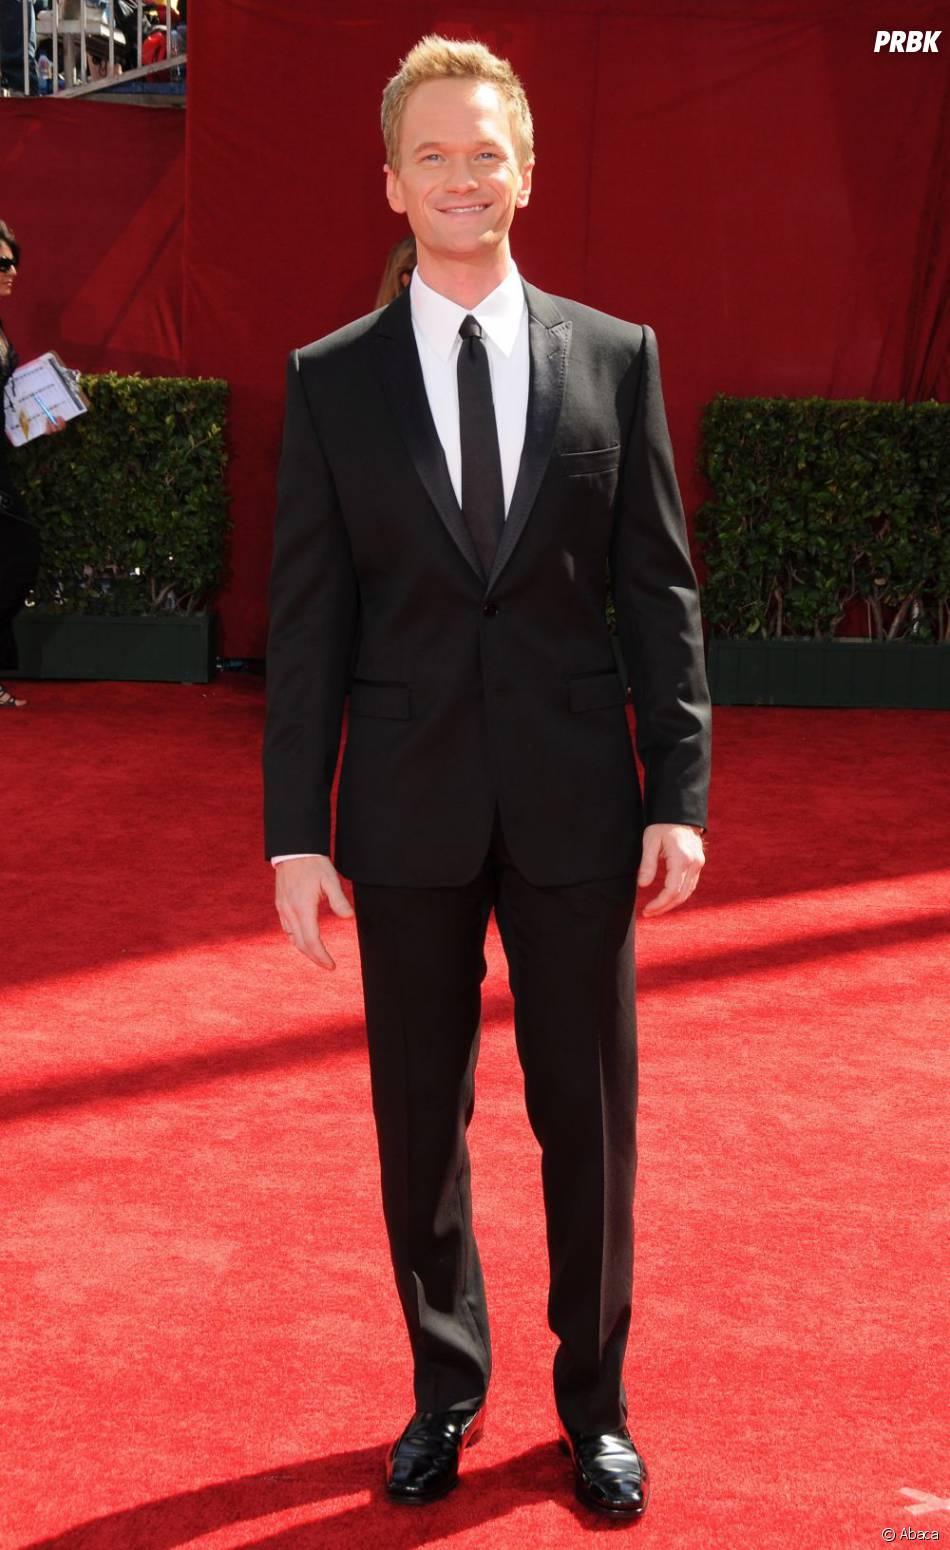 Neil Patrick Harris présentera les Emmy Awards 2013